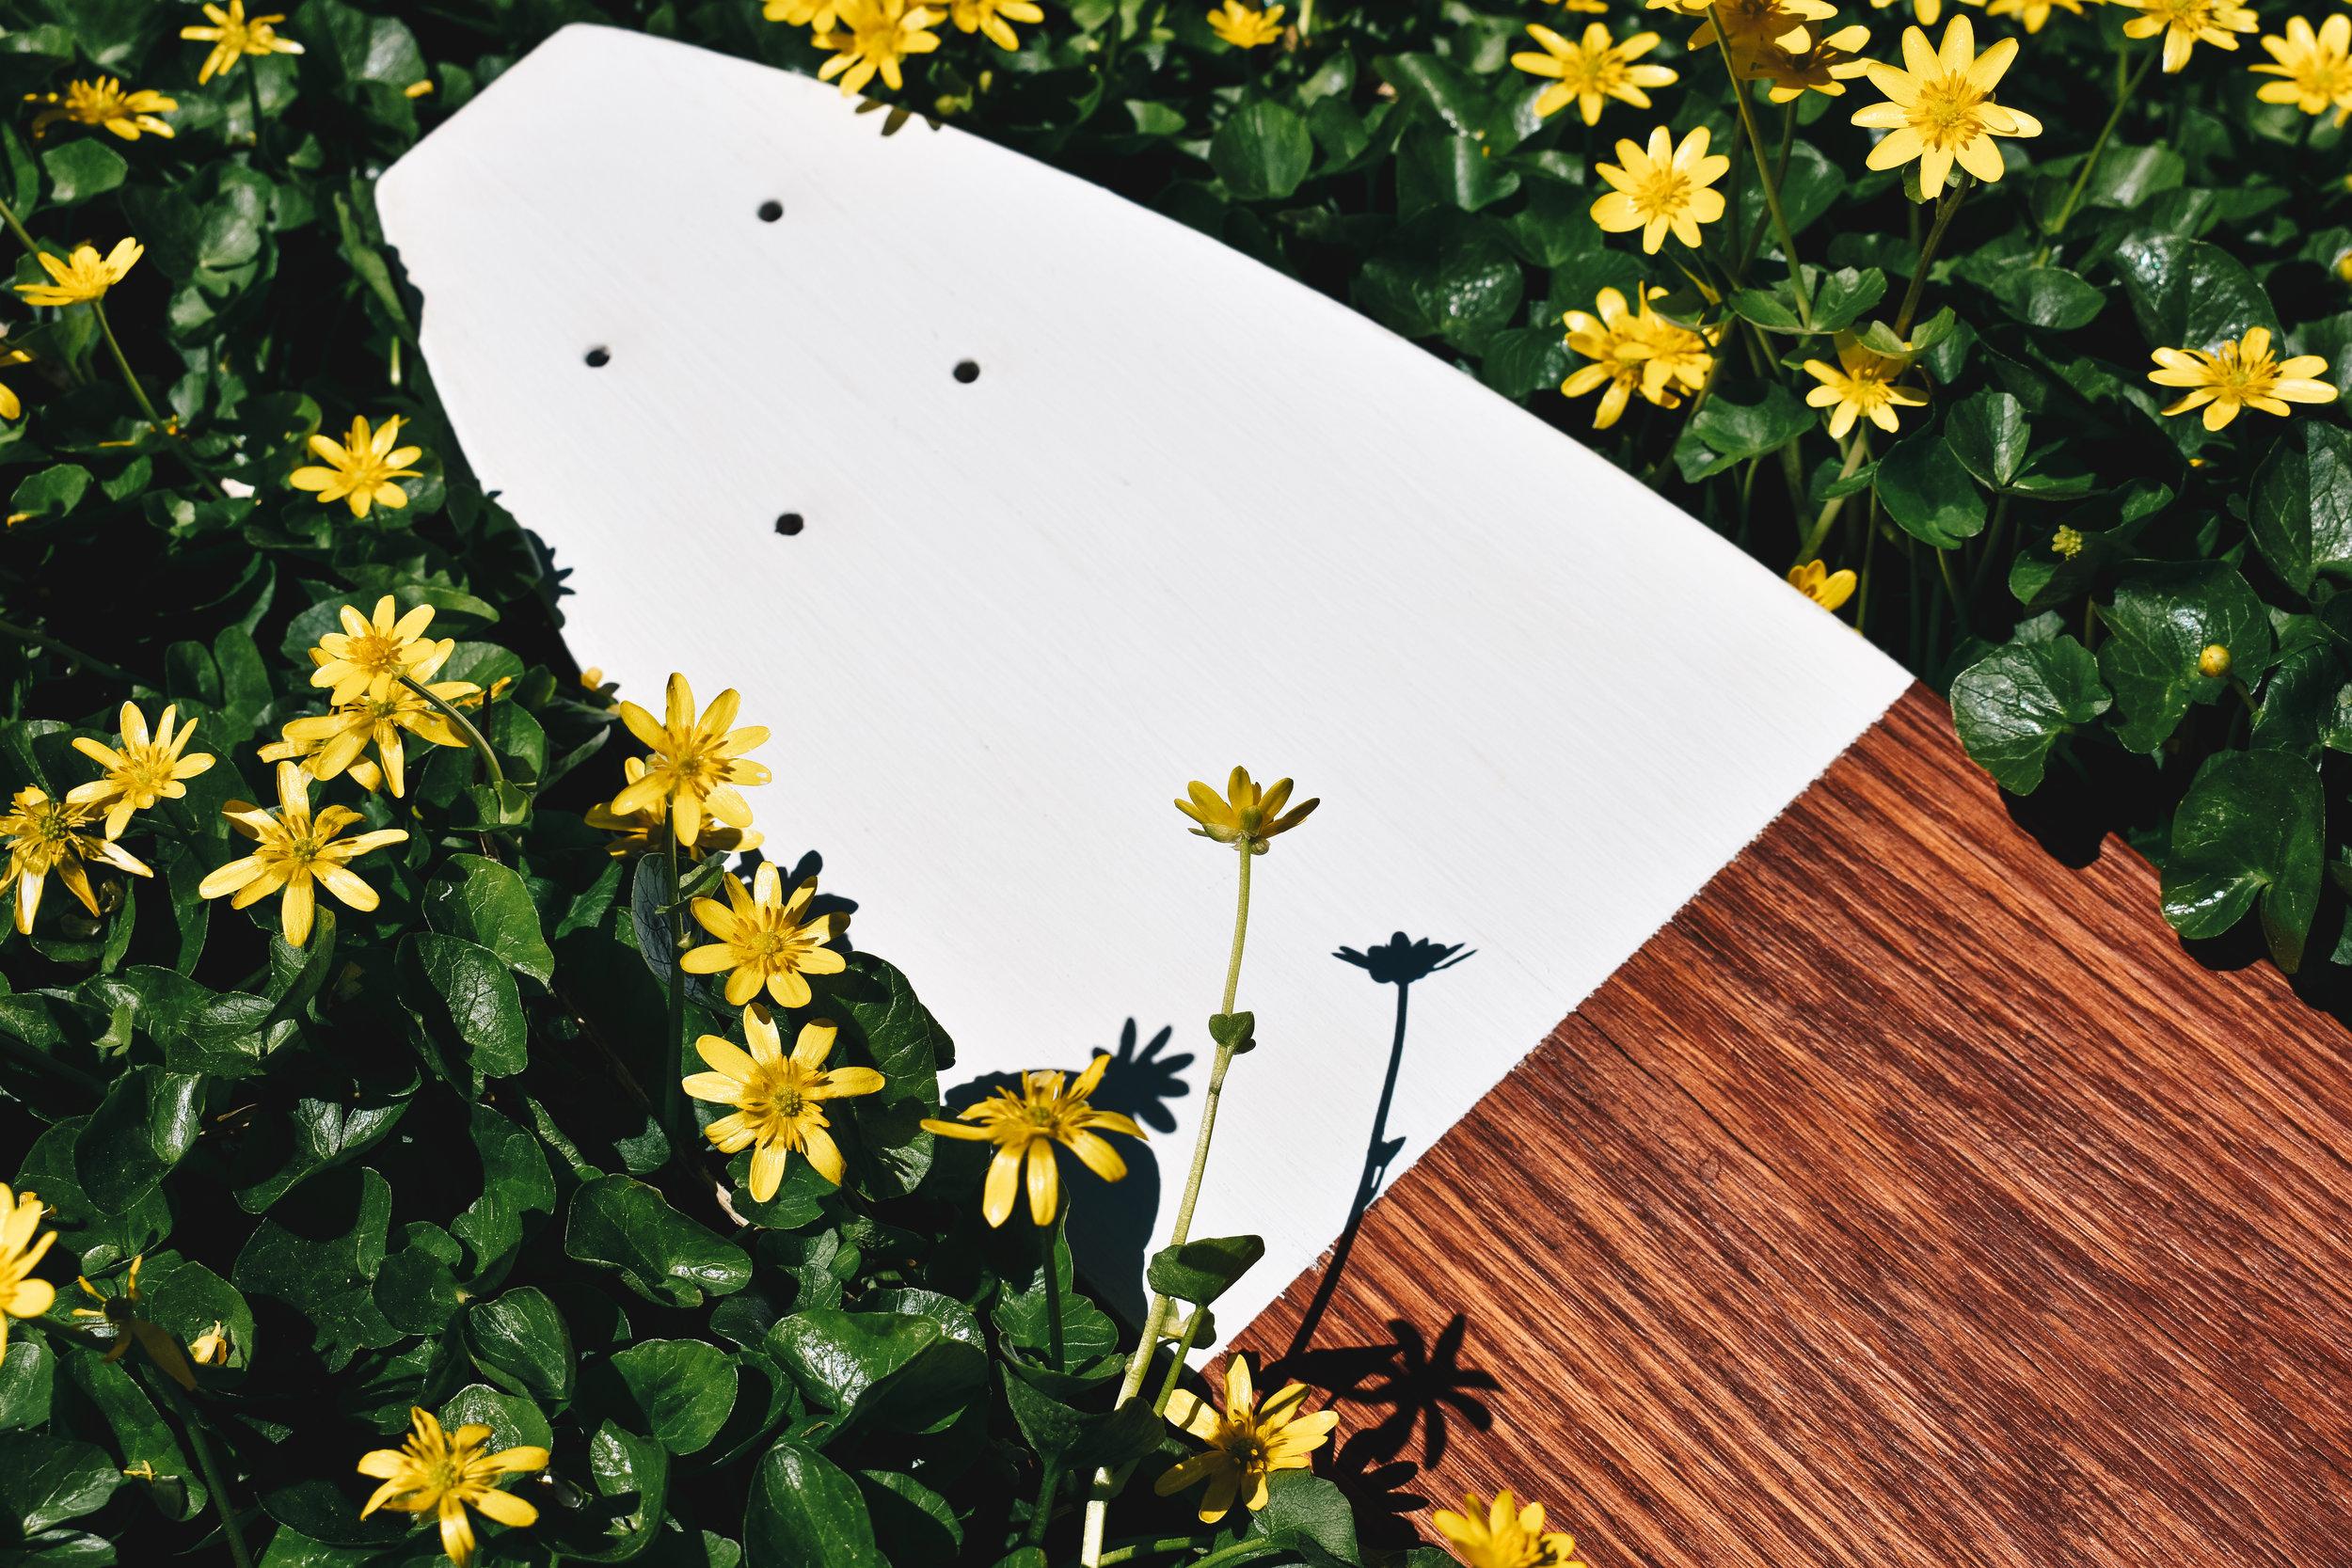 Panel Skateboards Flowers (1 of 1)-2.jpg